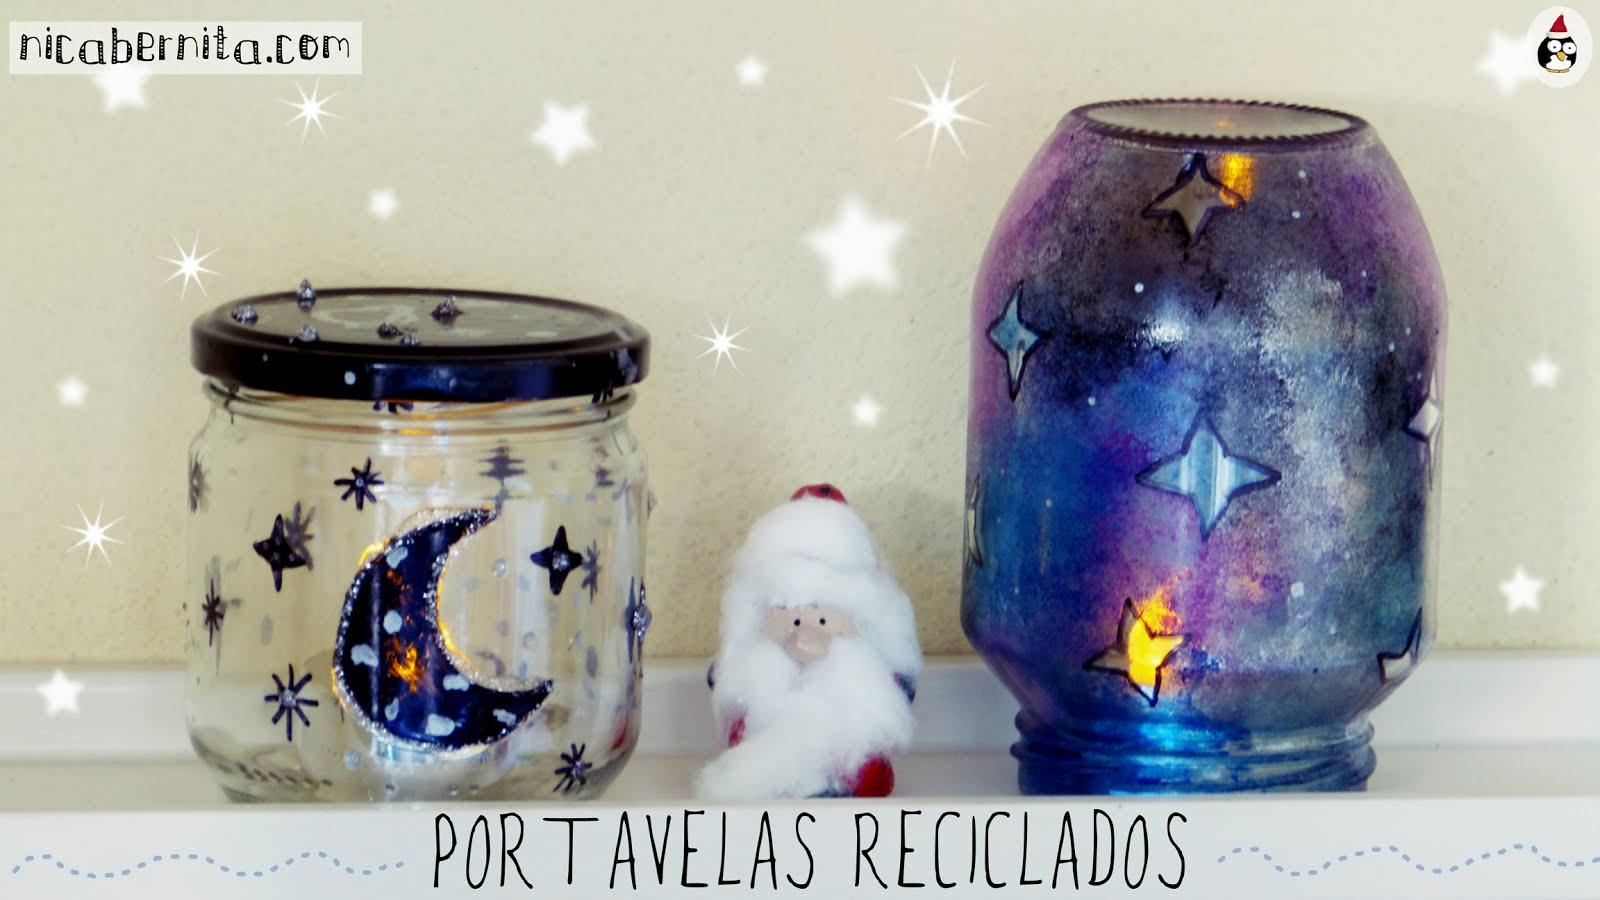 Diy Portavelas Con Botes De Cristal Manualidades Faciles Para - Manualidades-faciles-navidad-nios